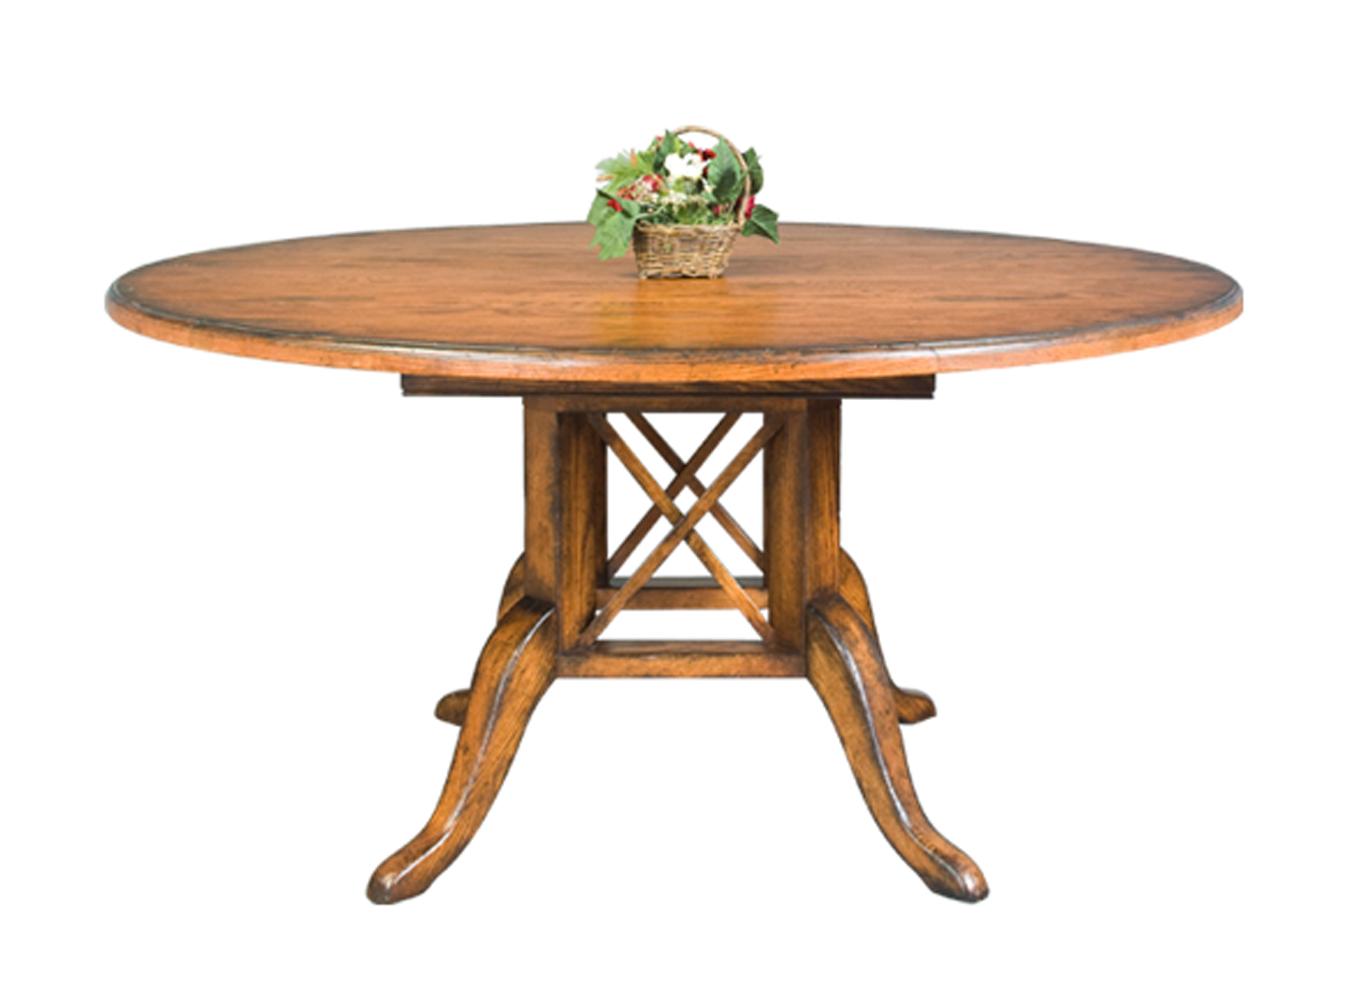 430-Birdcage-Single-Pedestal-Table.jpg